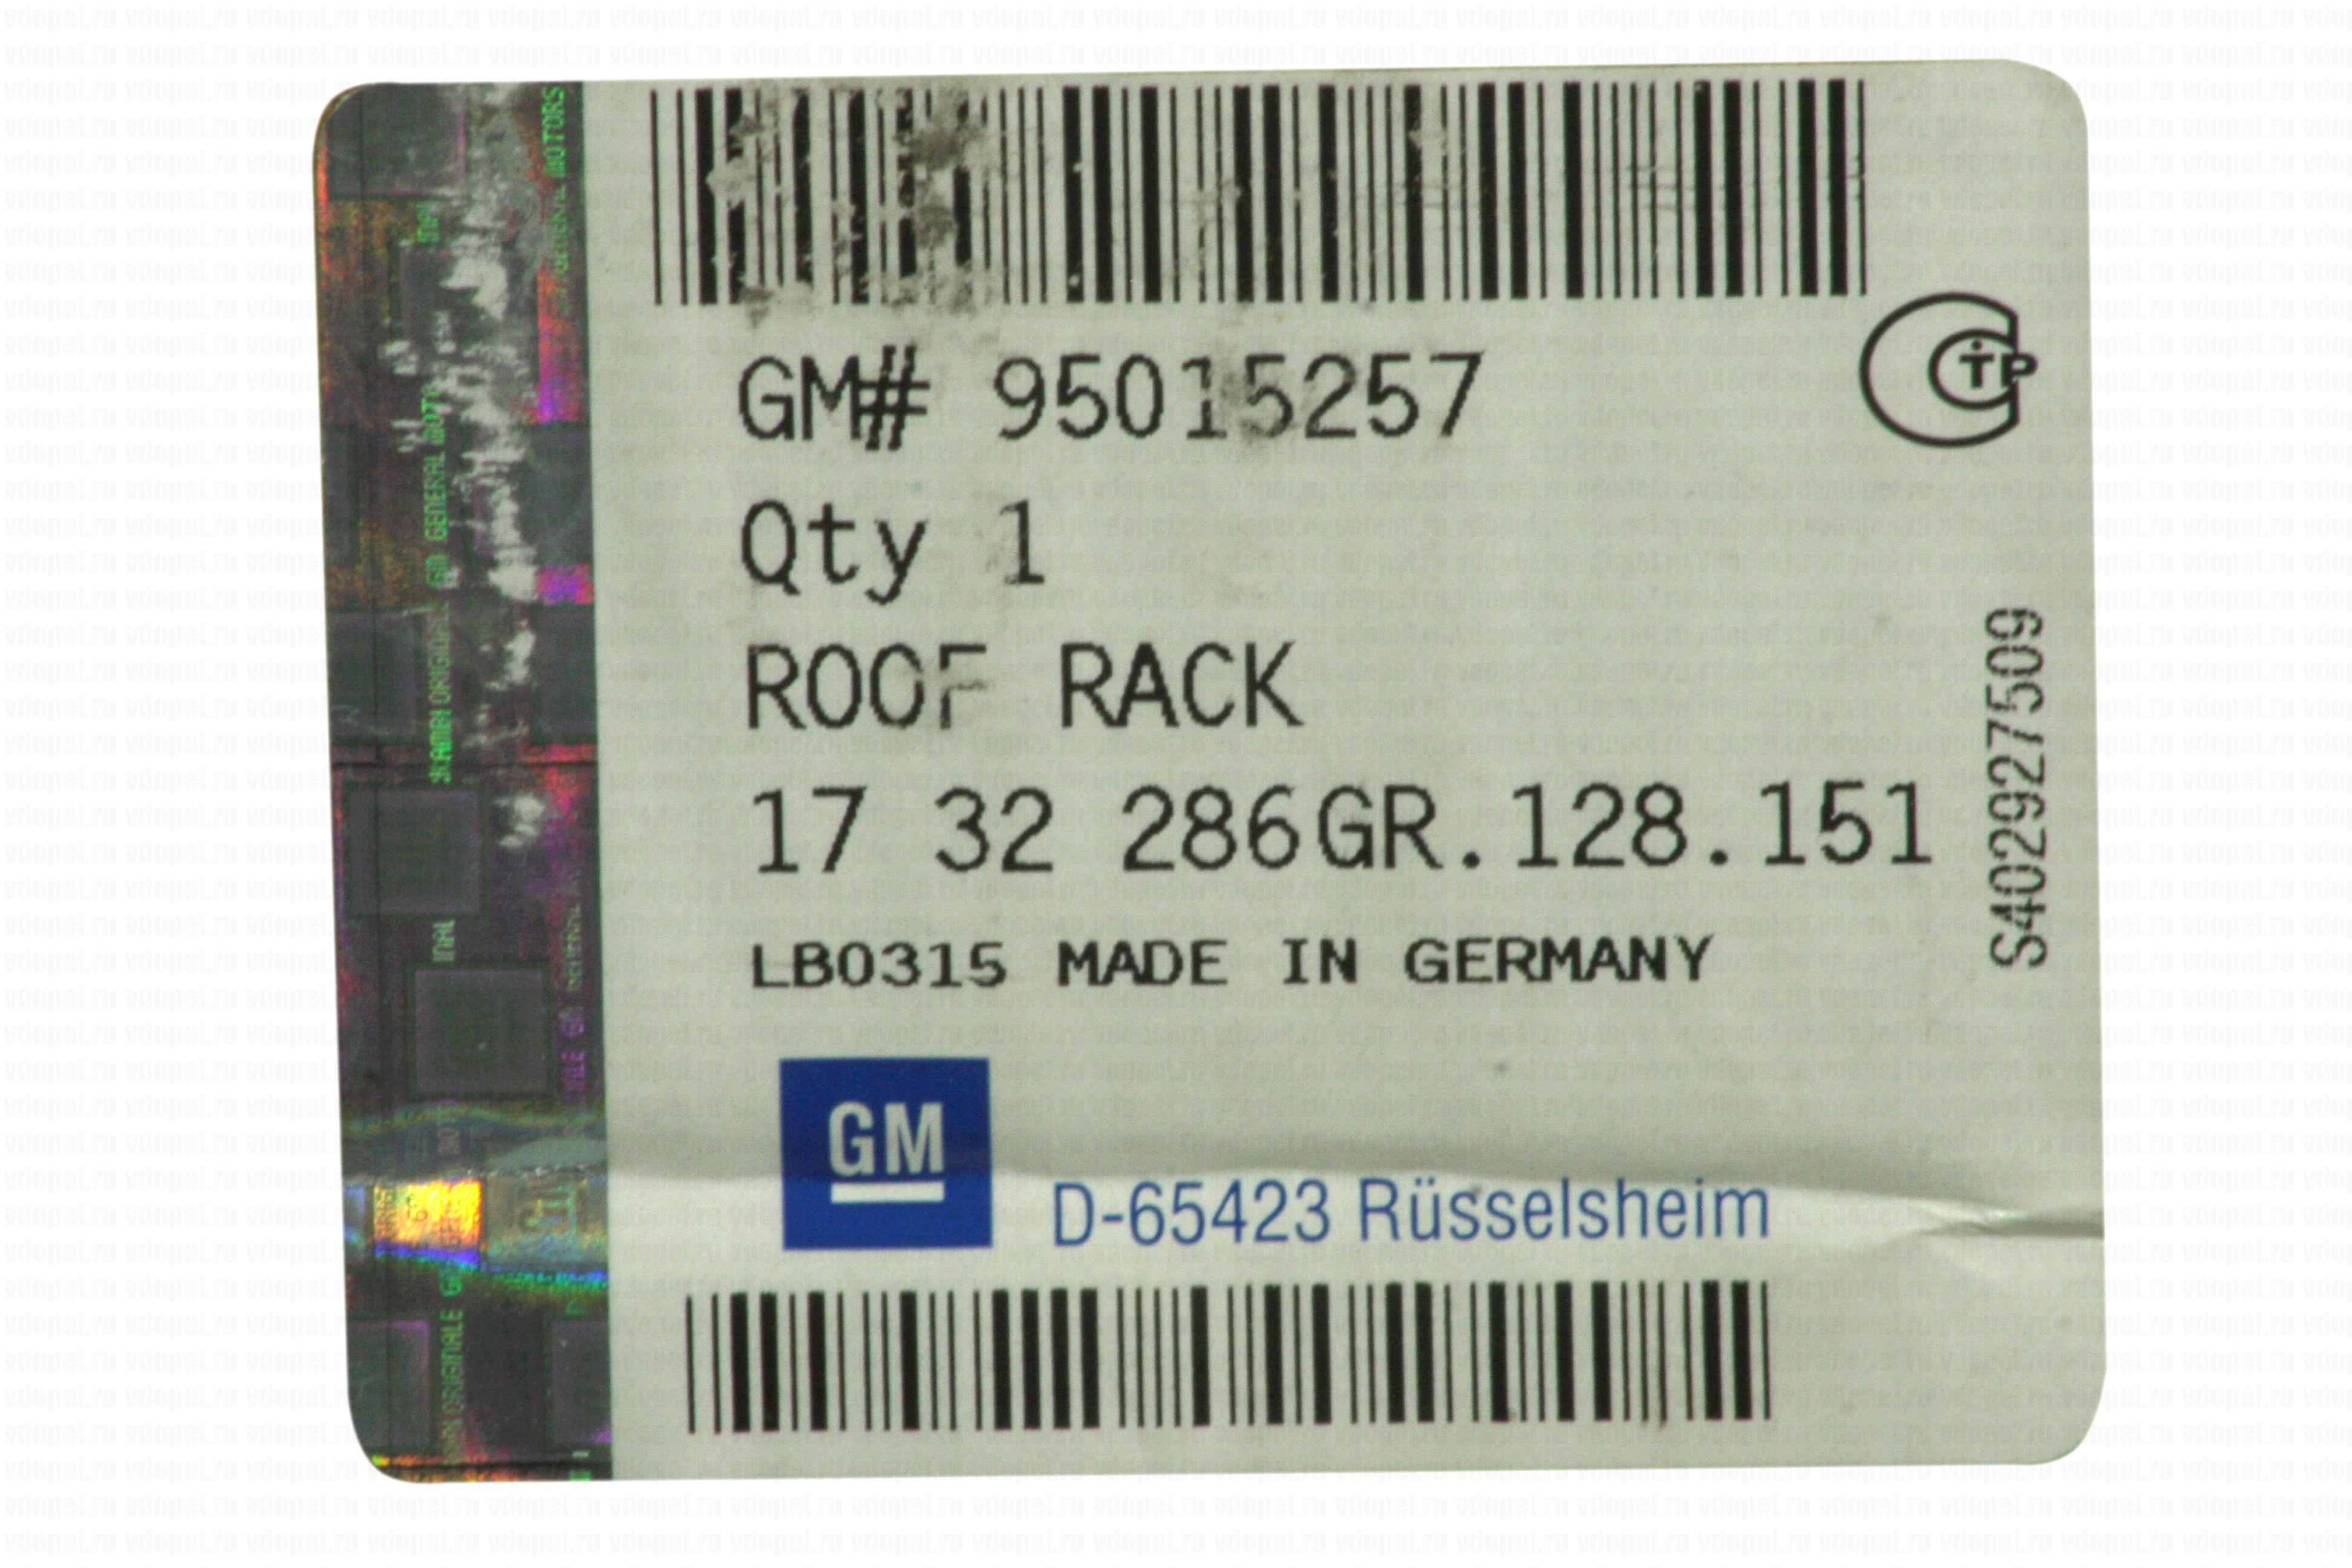 GM 95015257  - Багажник на крышу Мокка. Багажные дуги из алюминиевого сплава. Используется с рейлингами 95387611 И 95387612